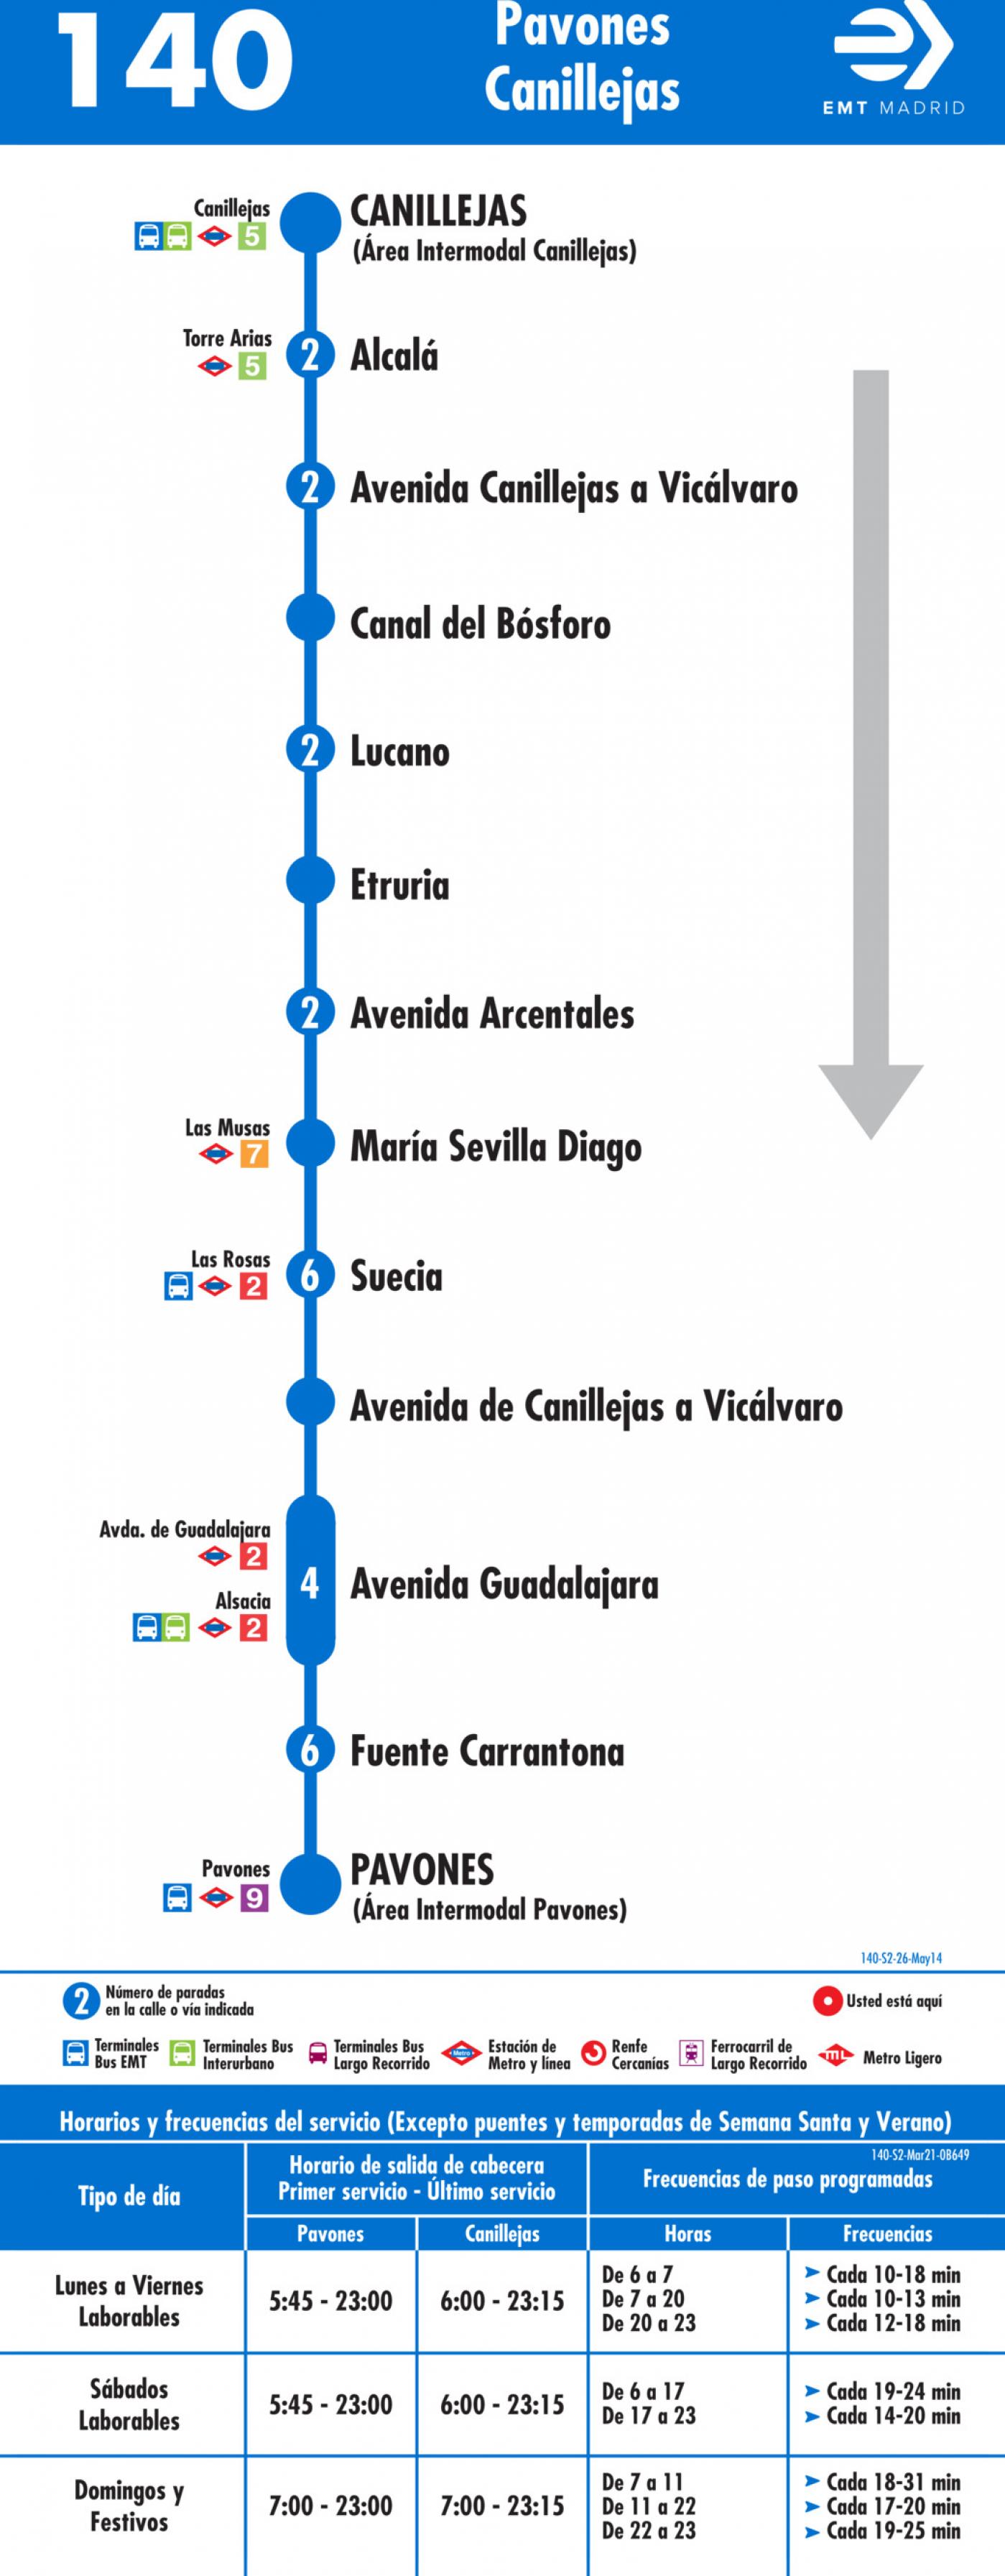 Tabla de horarios y frecuencias de paso en sentido vuelta Línea 140: Pavones - Canillejas